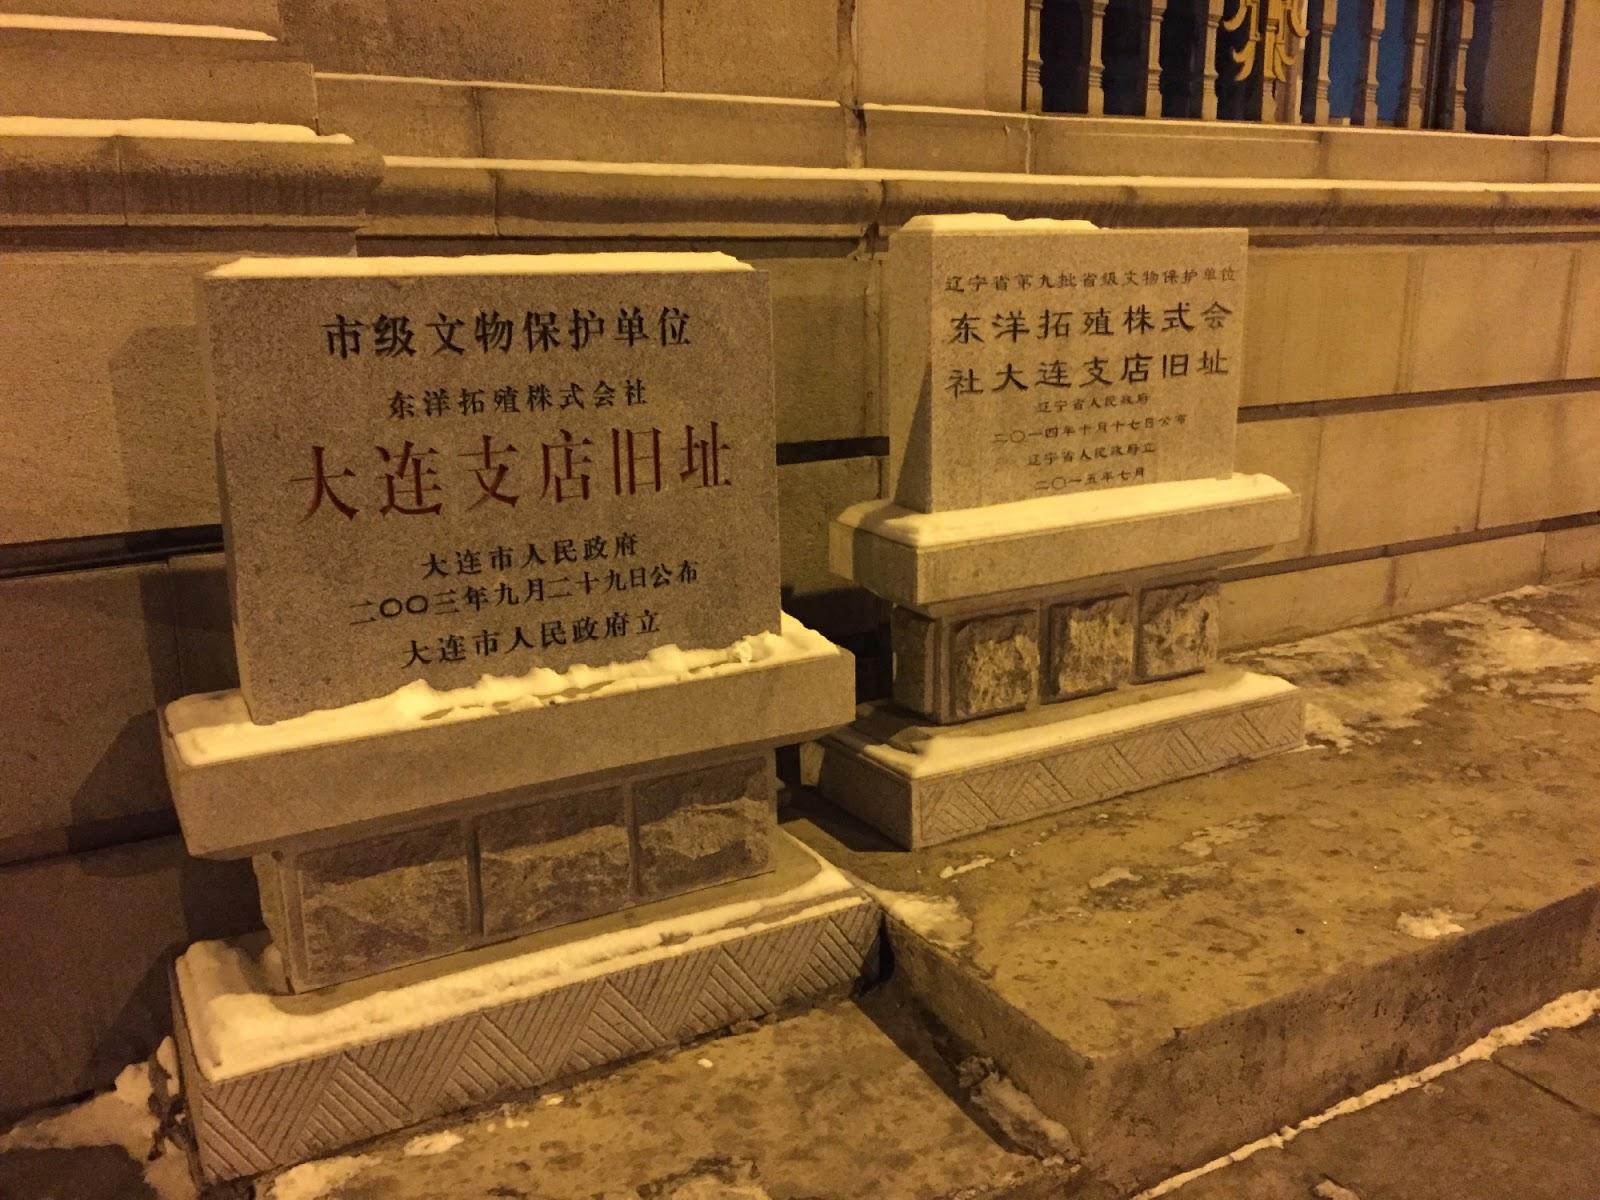 古い建物と街並みをもとめて: 中国・大連の建築早朝散歩 その4 東洋拓殖株式会社大連支店